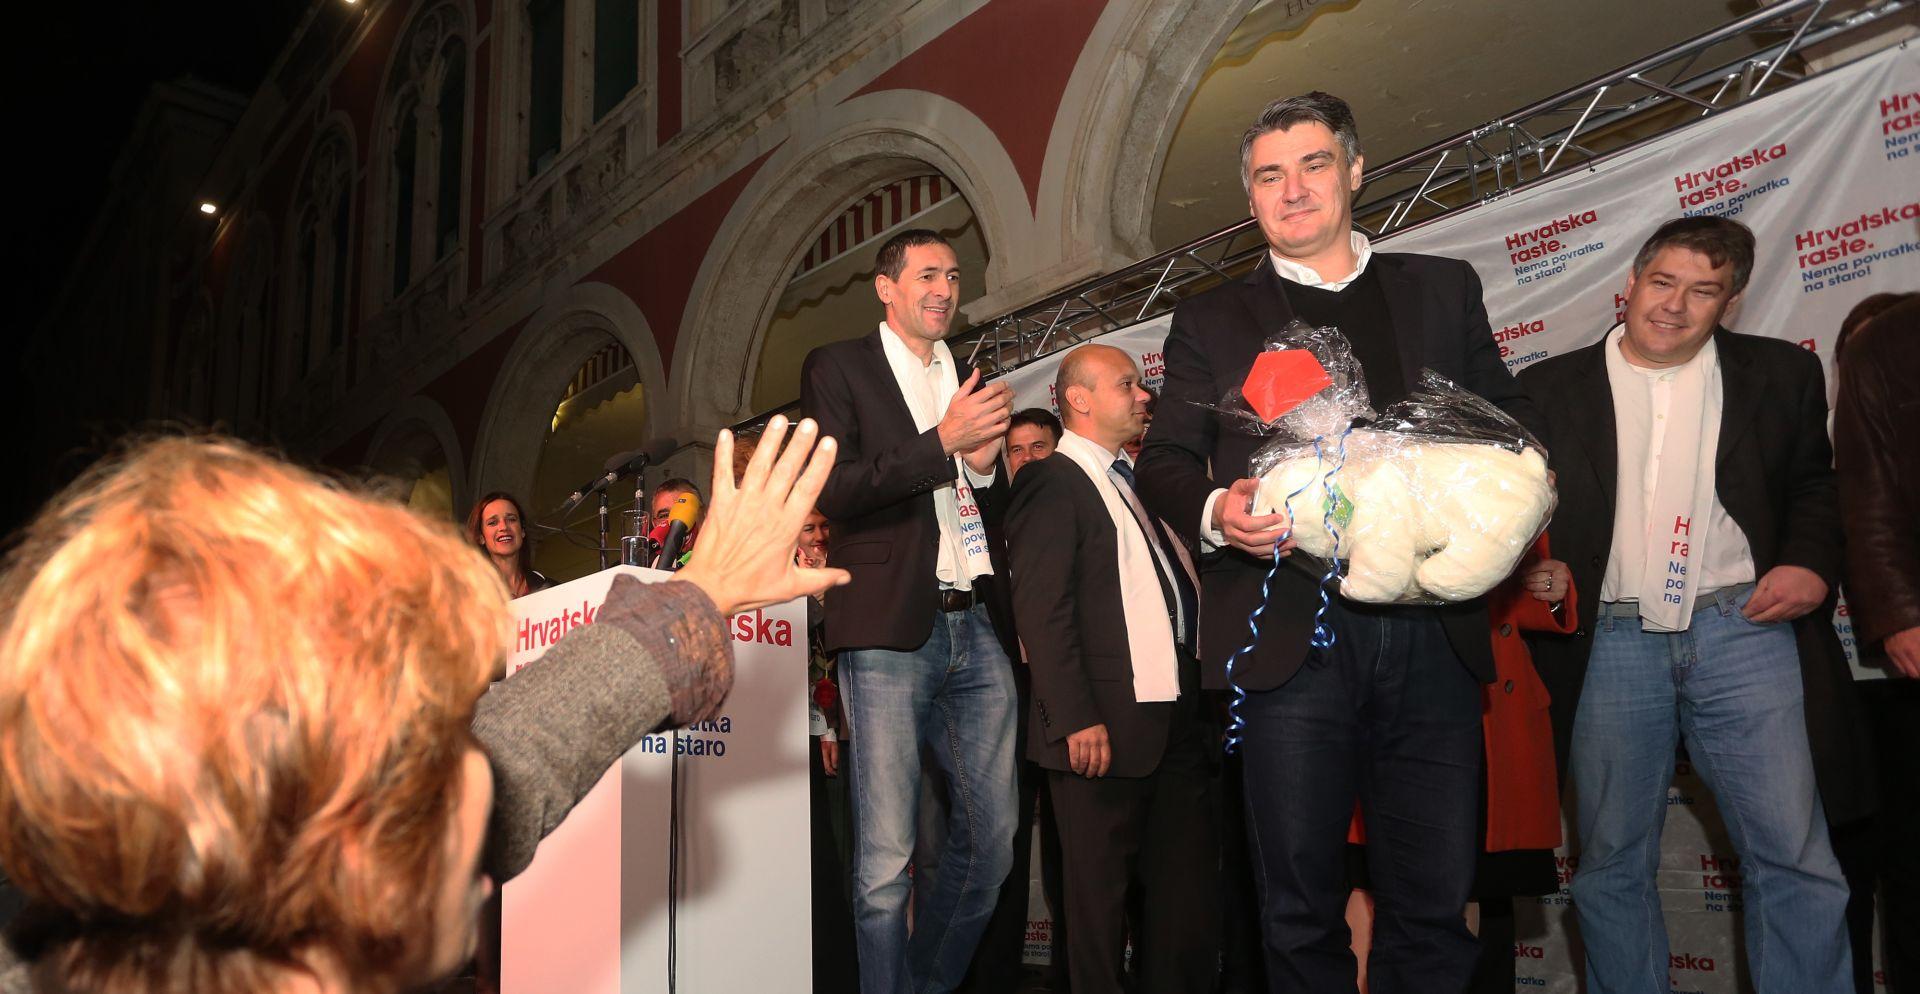 IZBORI 2015. Milanović: Mi zastupamo domoljubne i kršćanske vrijednosti